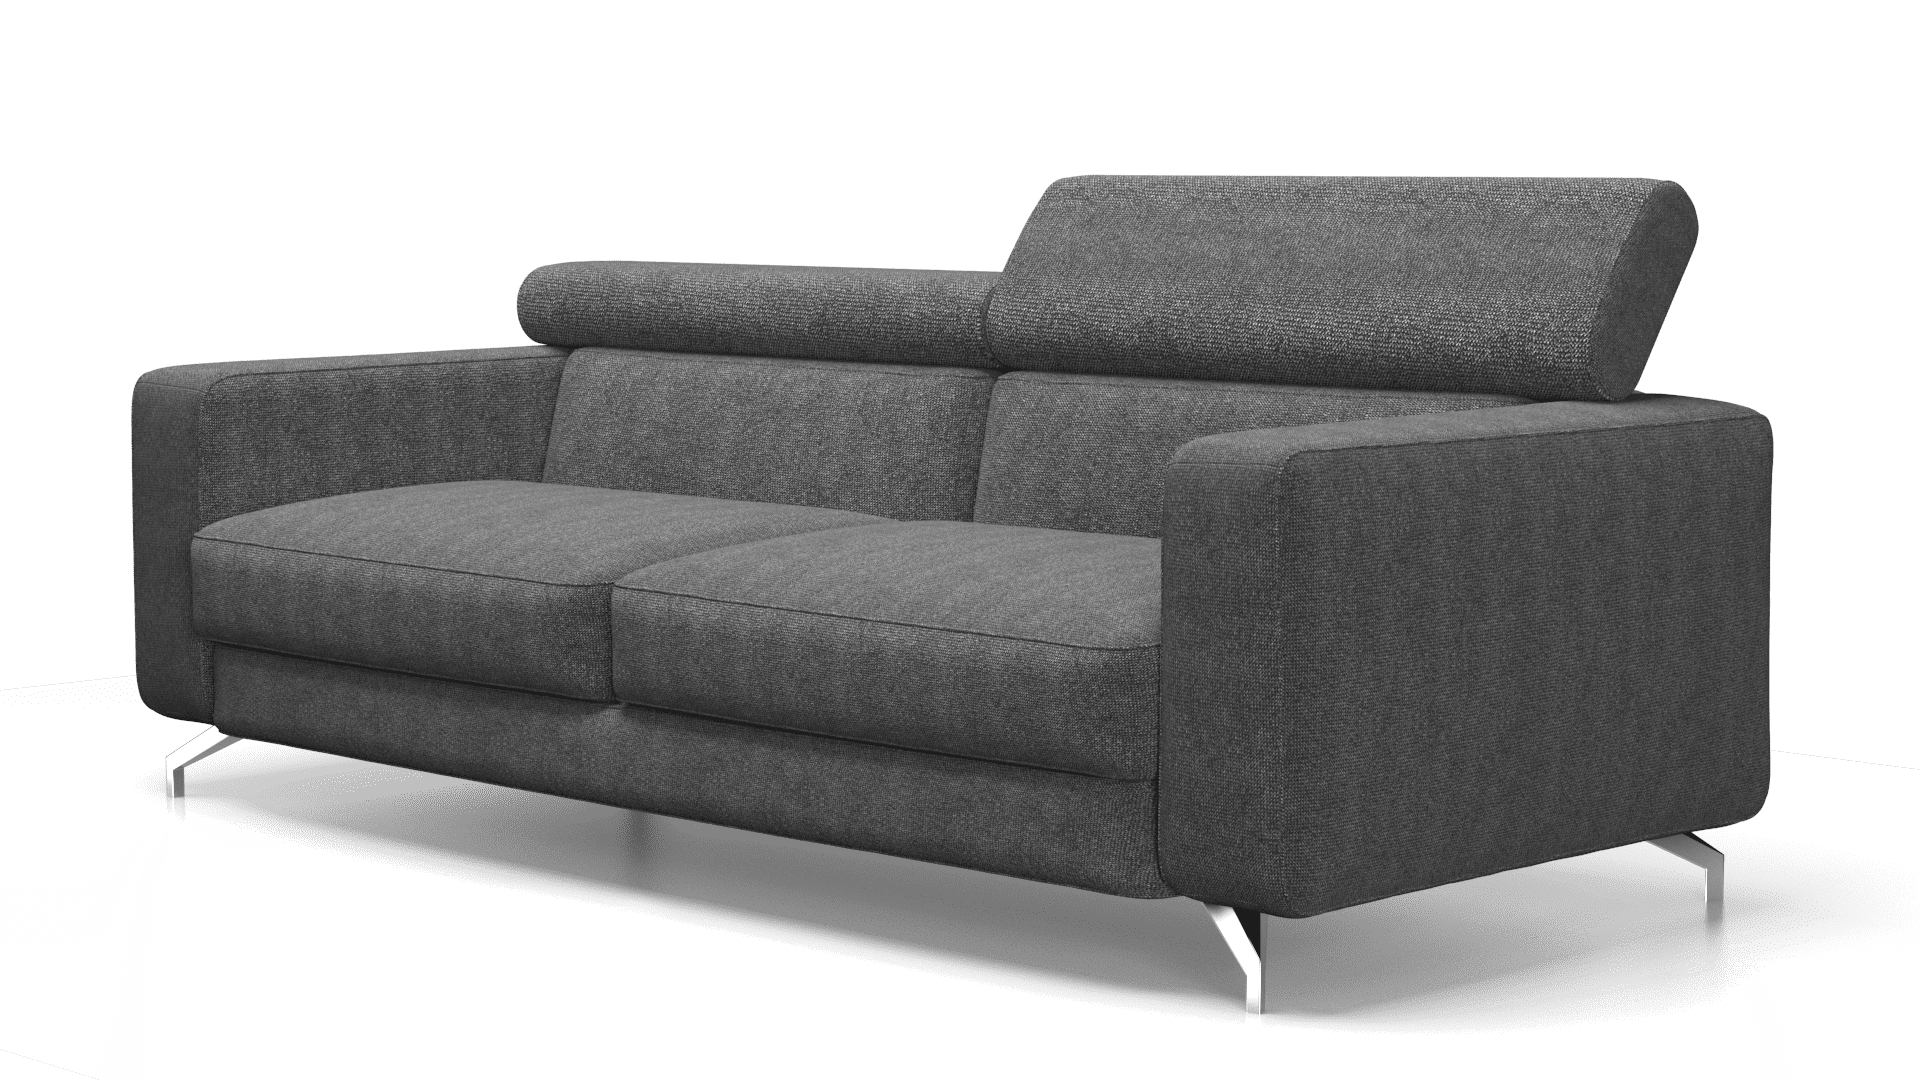 brenna salotti divano letto status 05